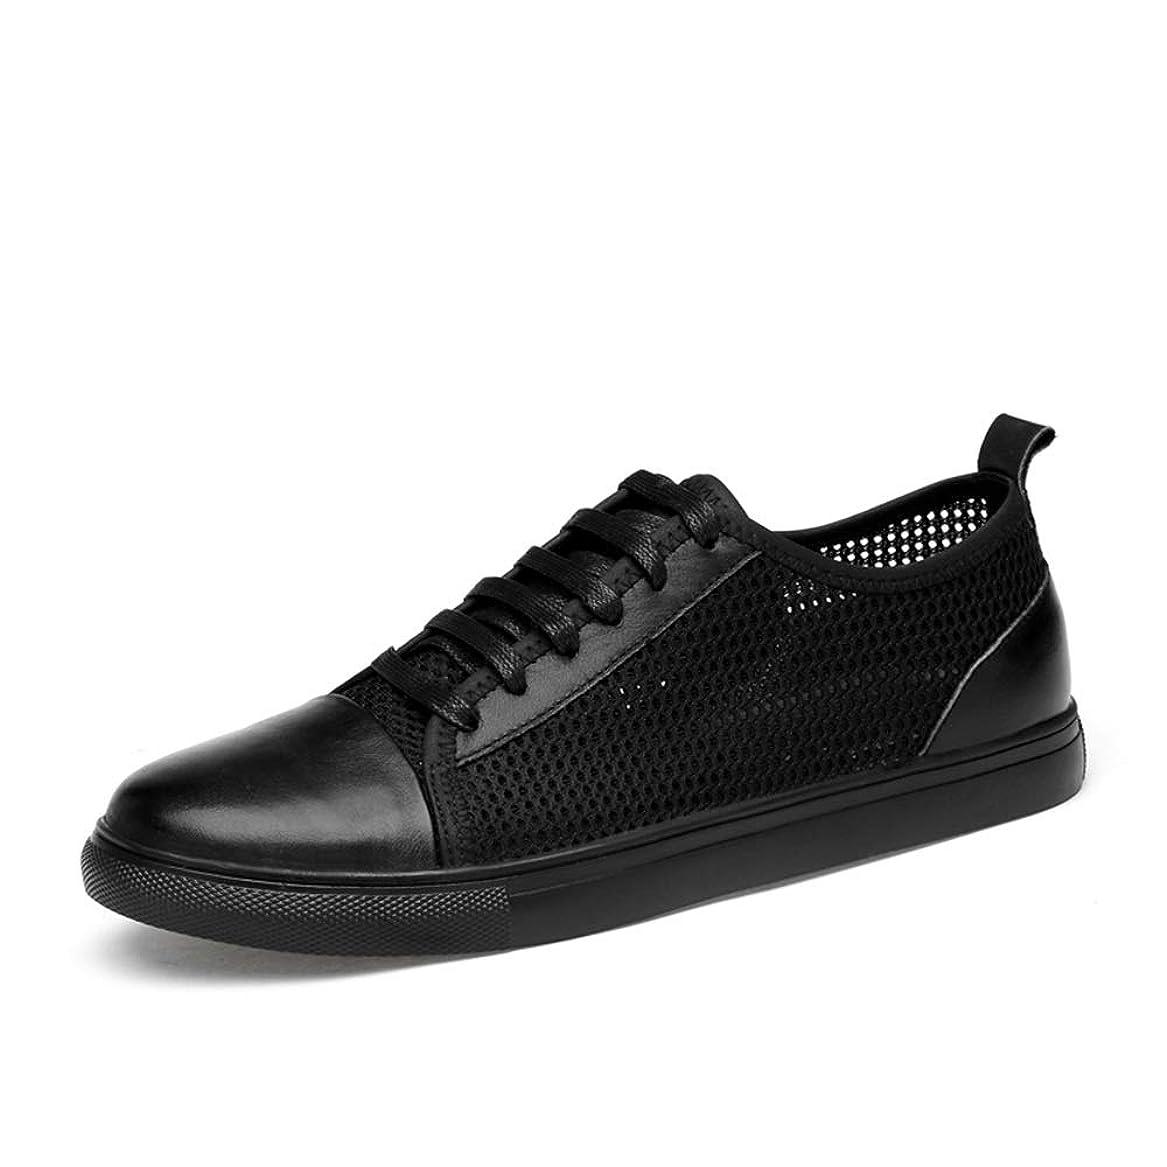 登録する賢明なしばしば[CHENJUAN] 靴メンズ通気性メッシュスニーカーファッションフラットスポーツシューズレースアップレザーアッパーラウンドトゥウェア耐摩耗